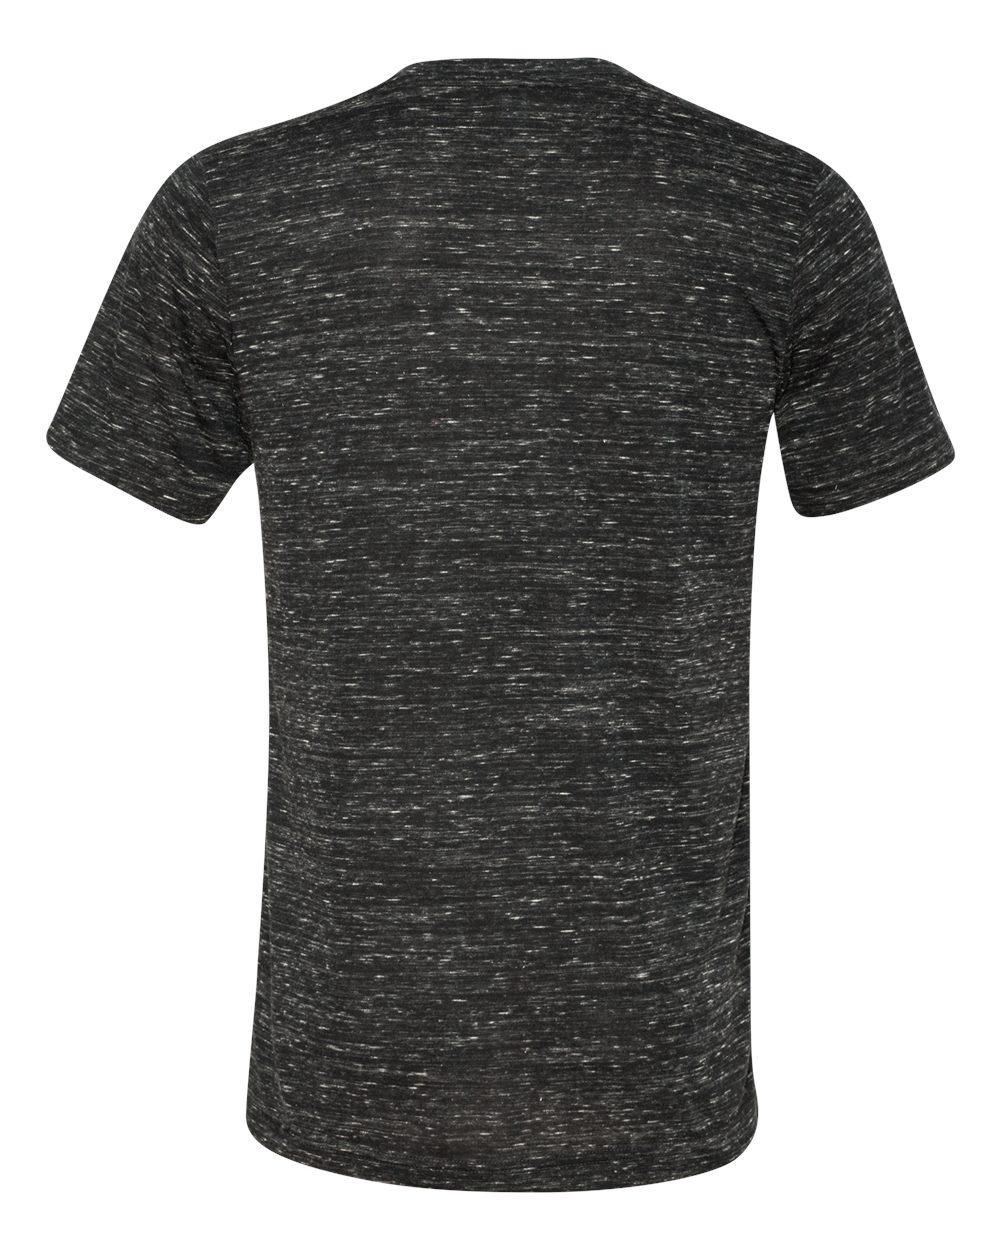 Bella-Canvas-Men-039-s-Jersey-Short-Sleeve-V-Neck-T-Shirt-3005-XS-3XL thumbnail 7